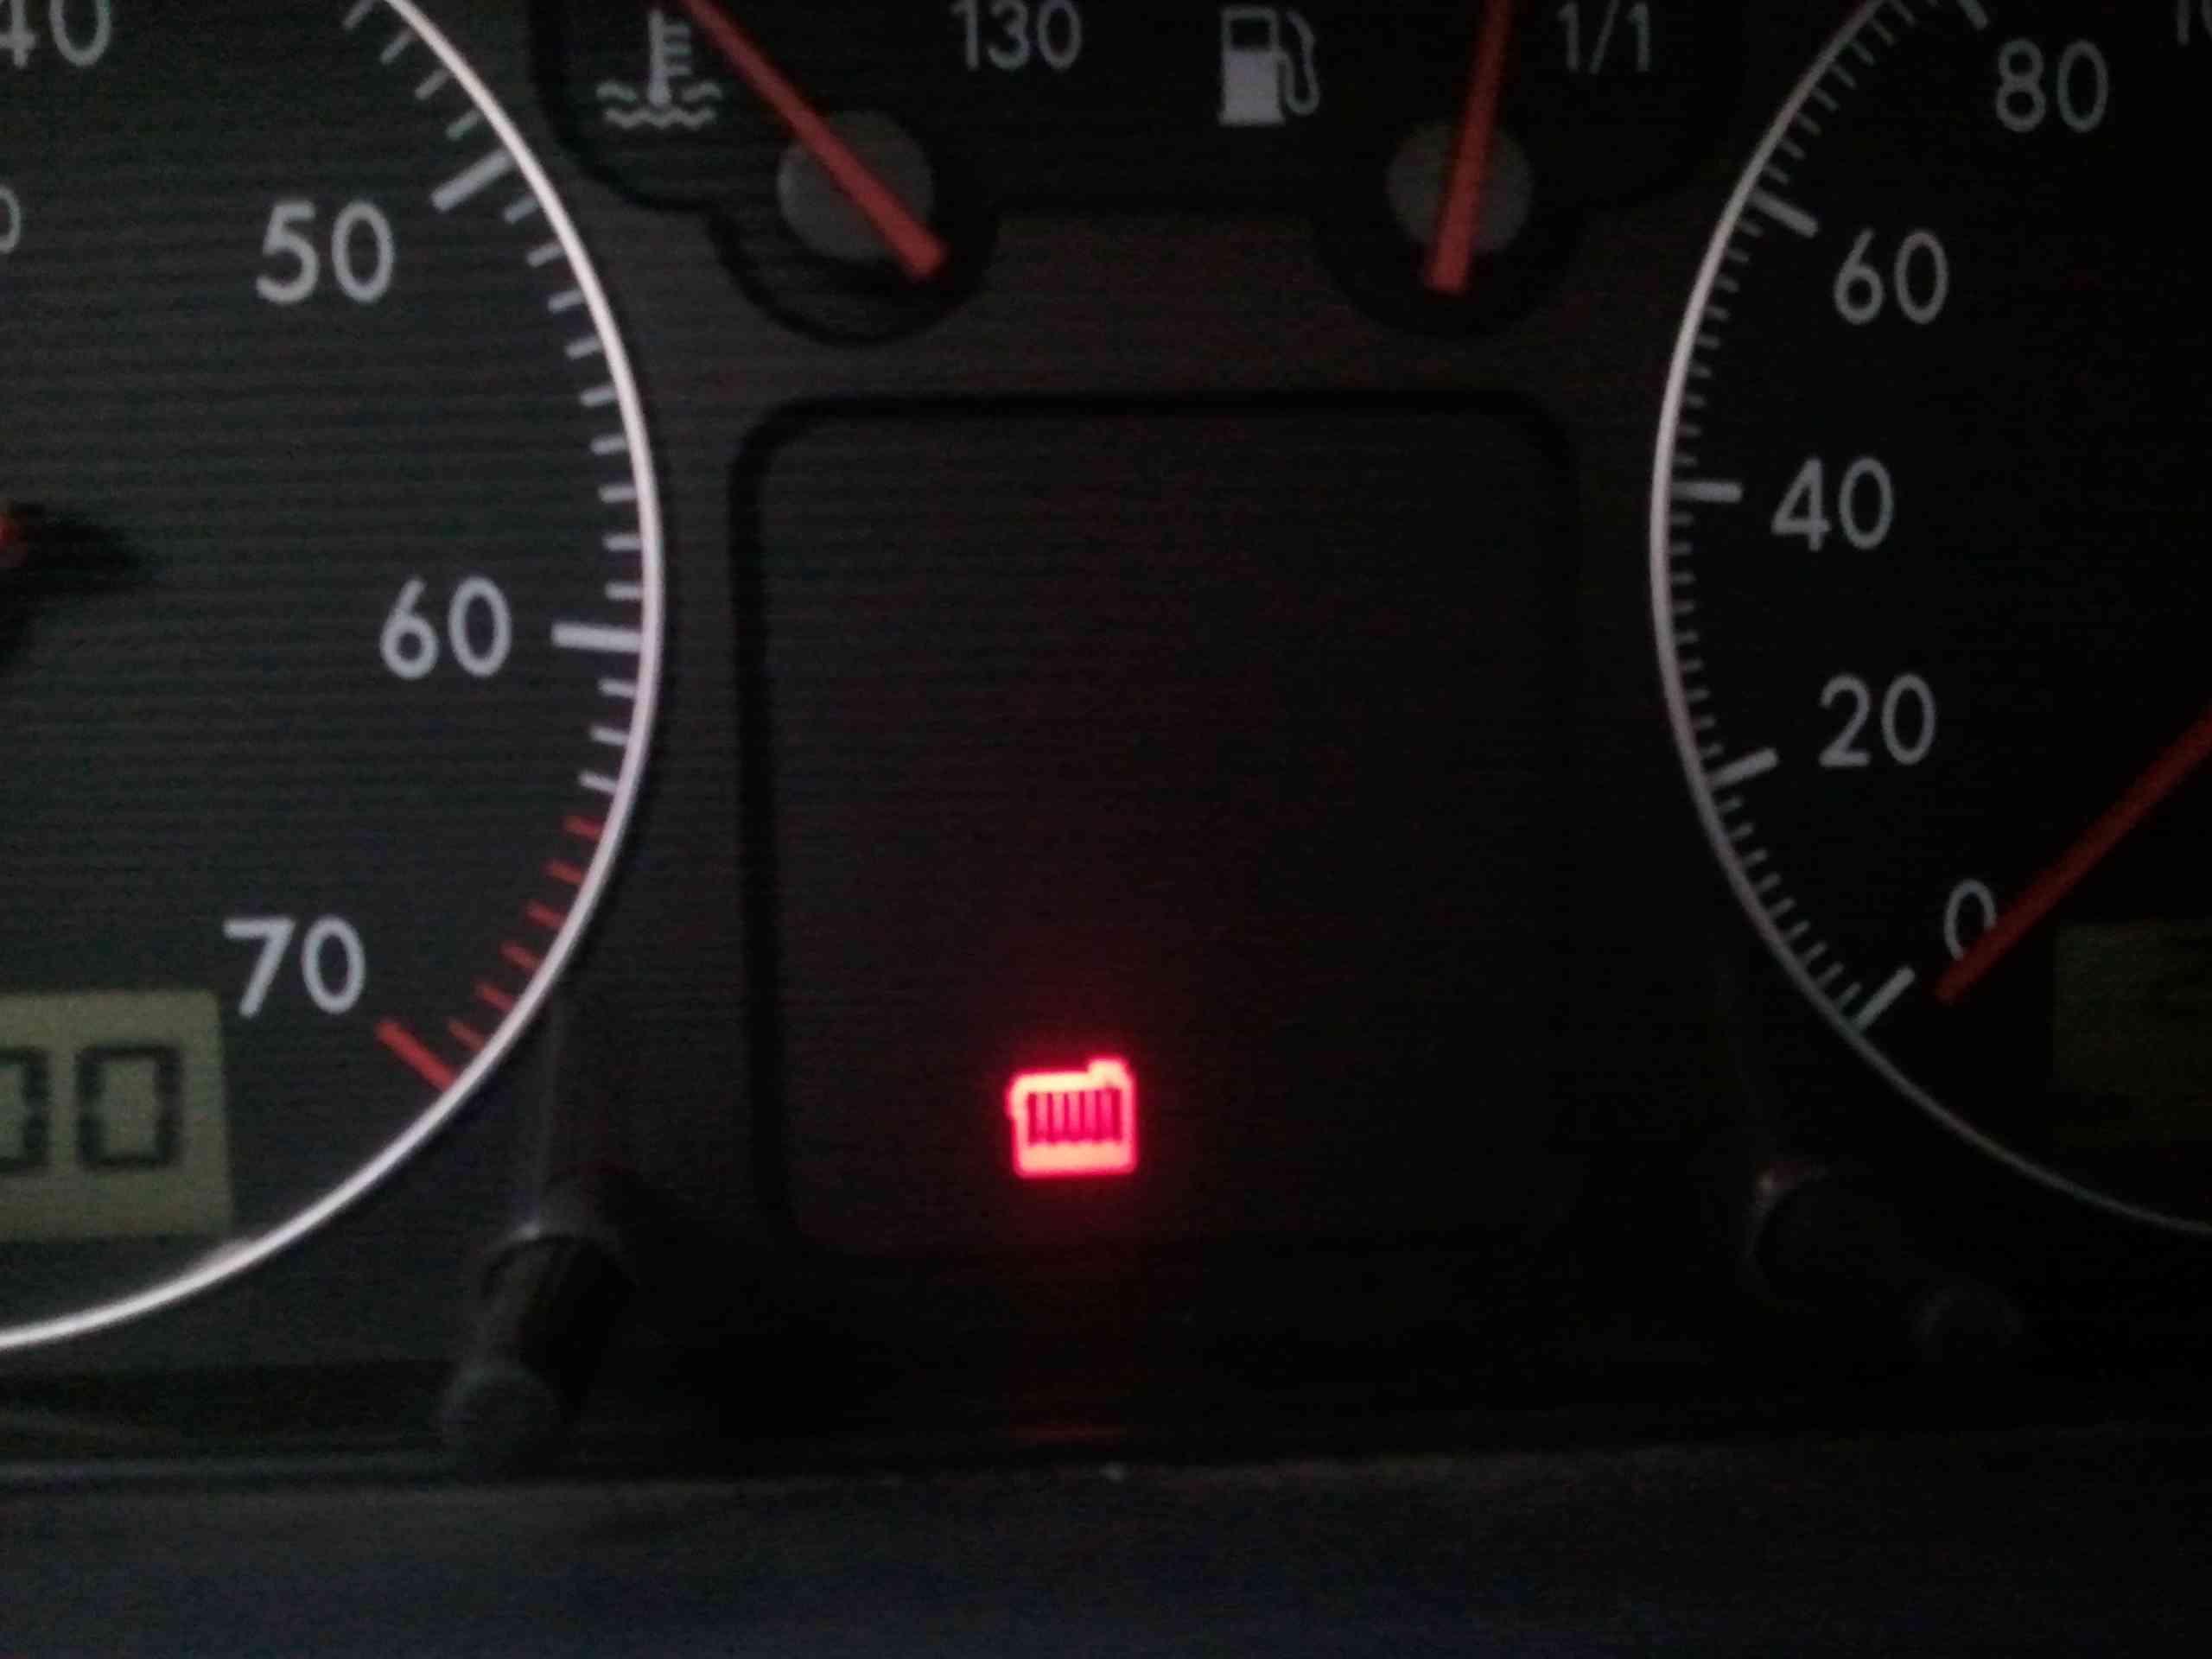 最近普桑仪表盘一直闪这个警示灯 最新汽车仪表盘警示灯组高清图片